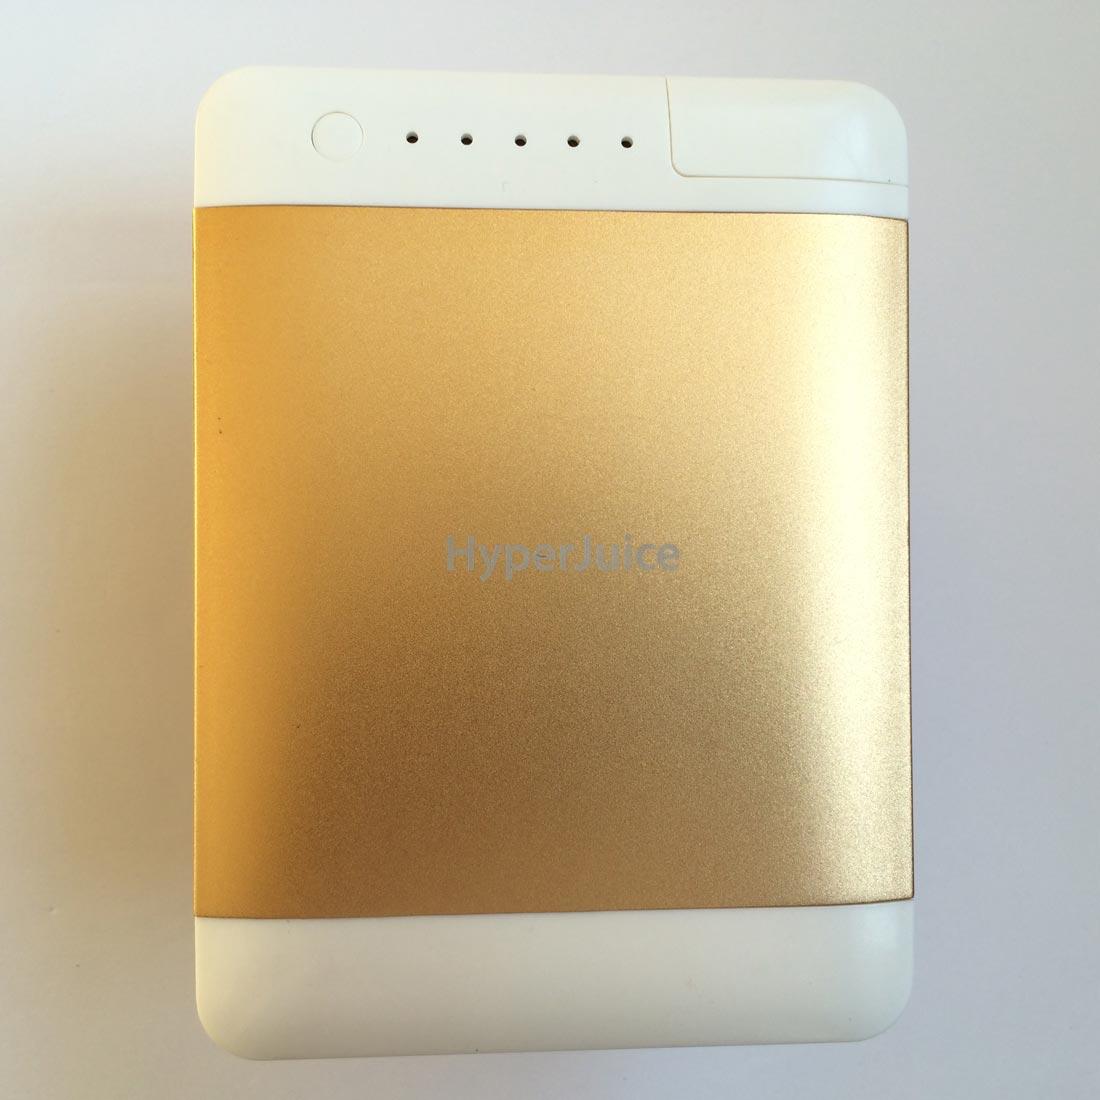 La batterie autonome HyperJuice Plug P10 est proposée en différentes couleurs. Ph. Moctar KANE.